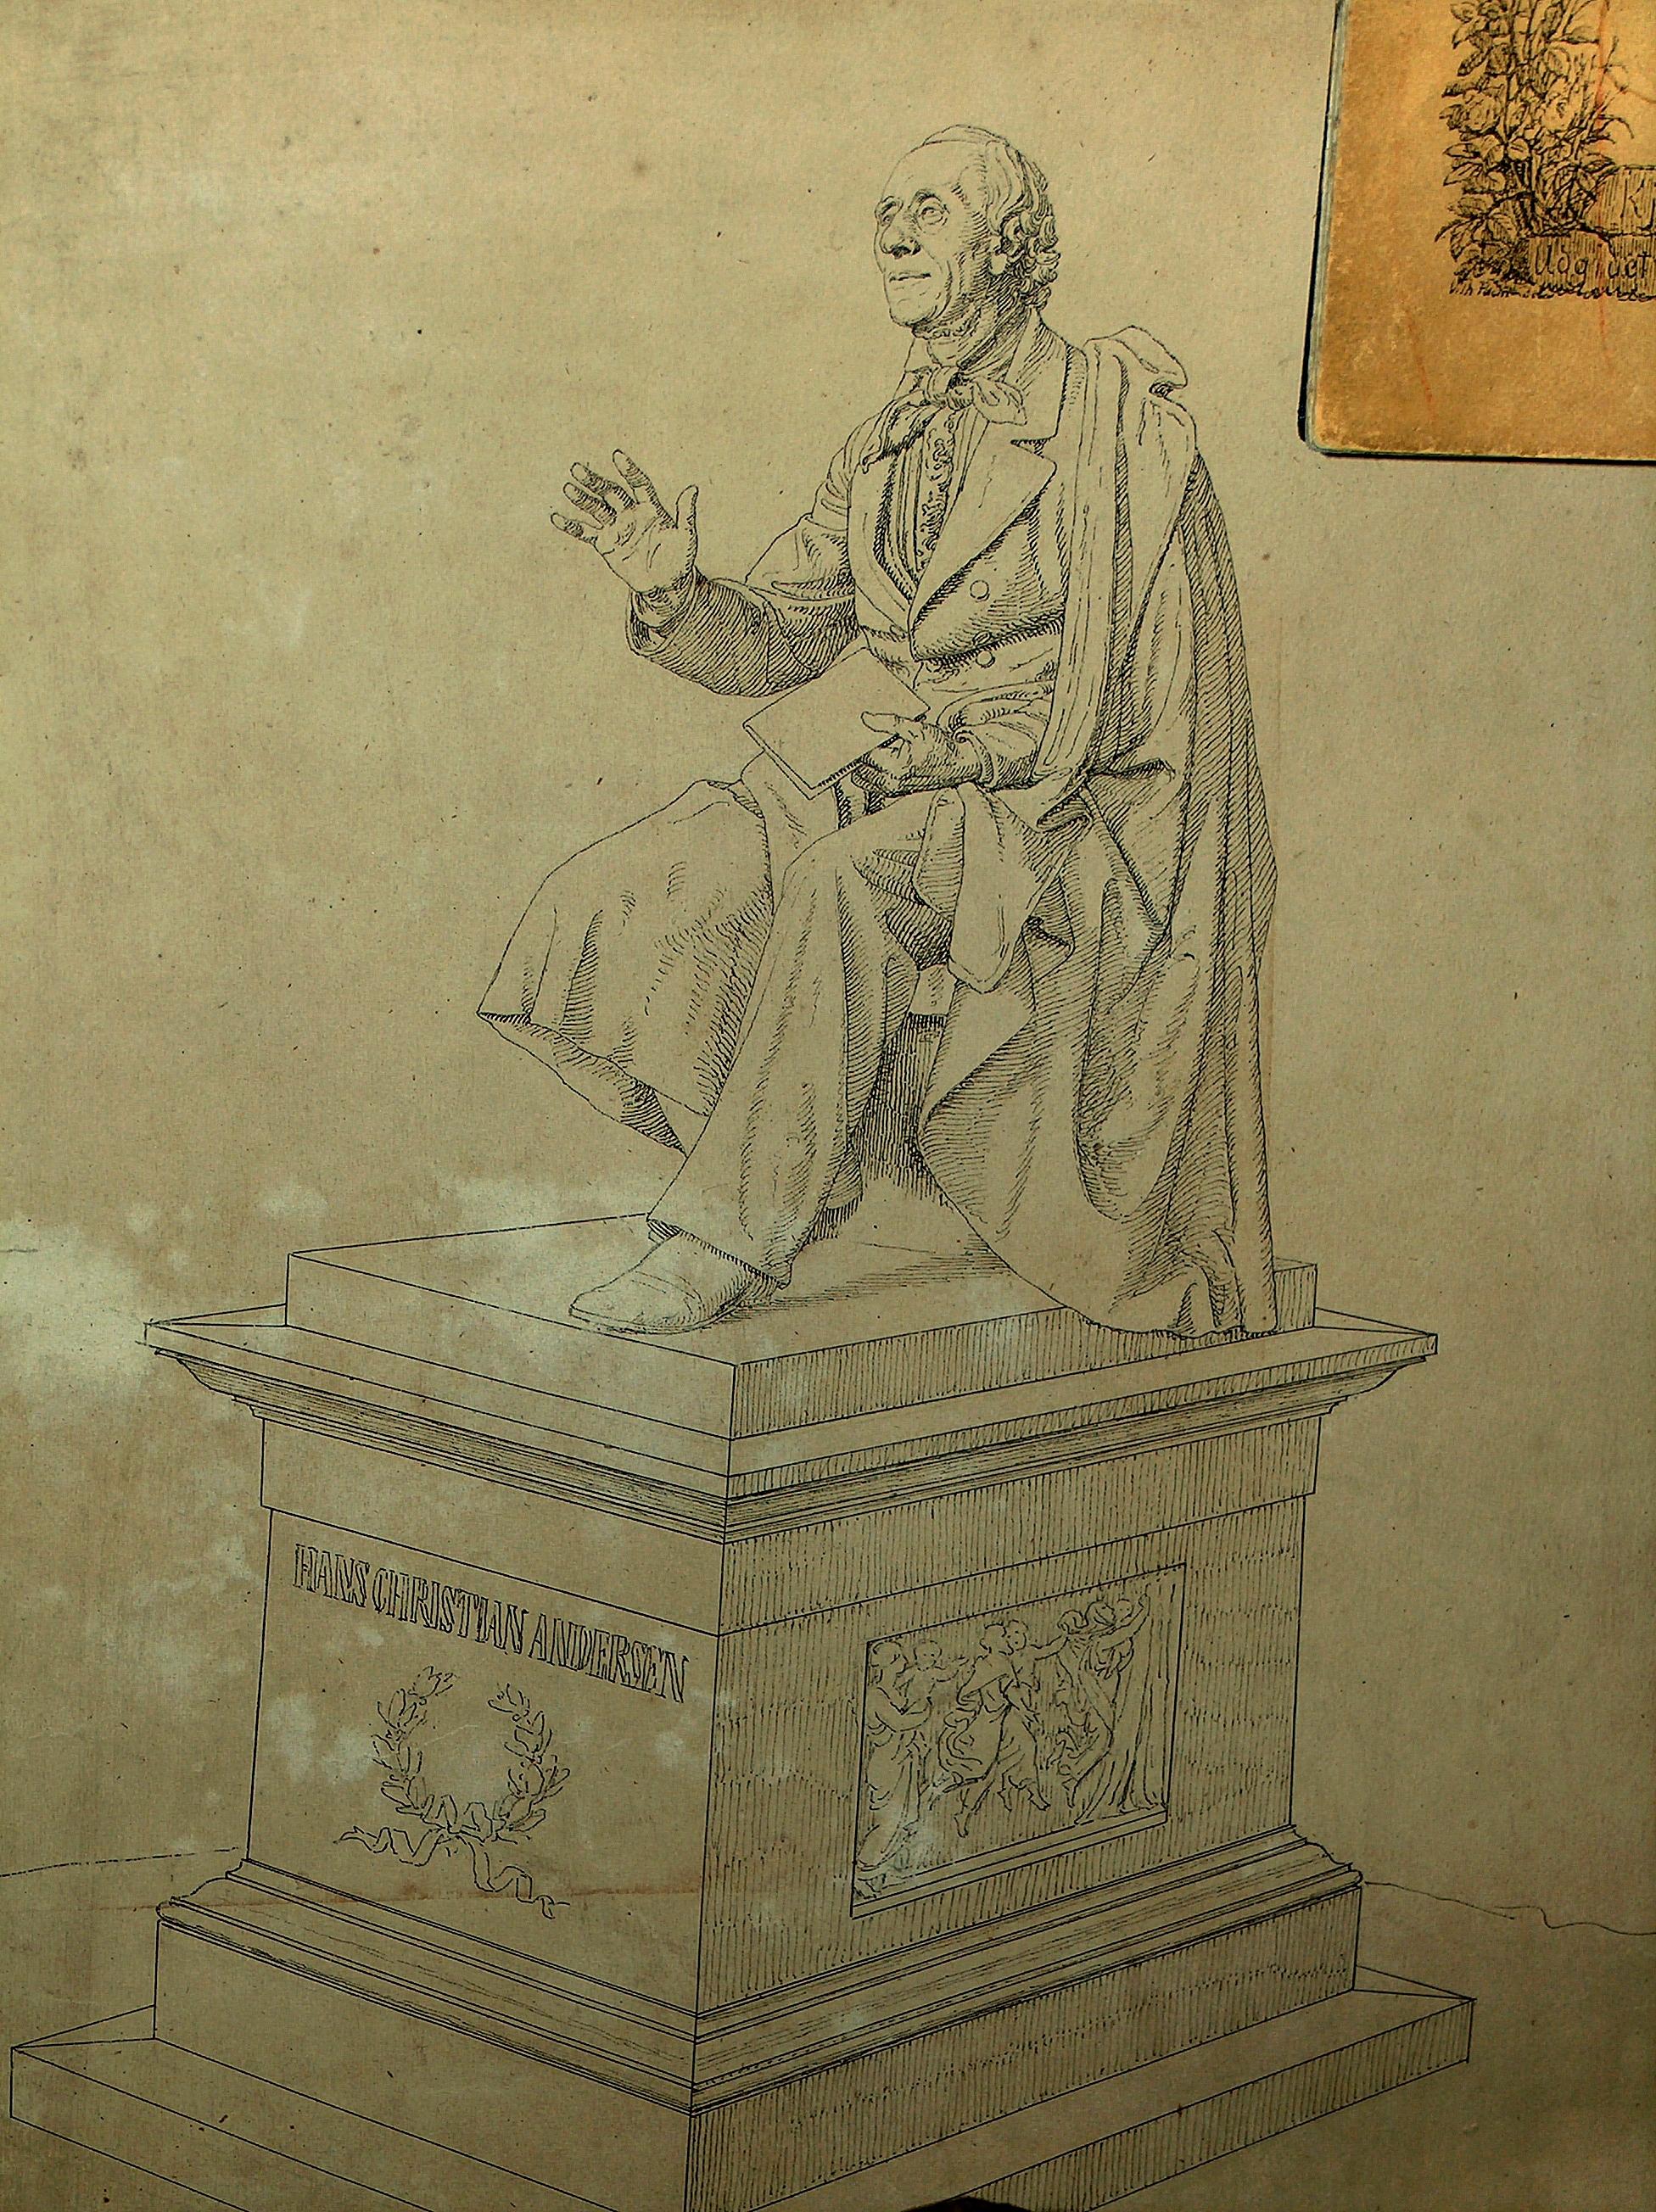 August Saabyes skitser til H.C. Andersen Monumentet i Kongens Have -Rosenborg Have i København.